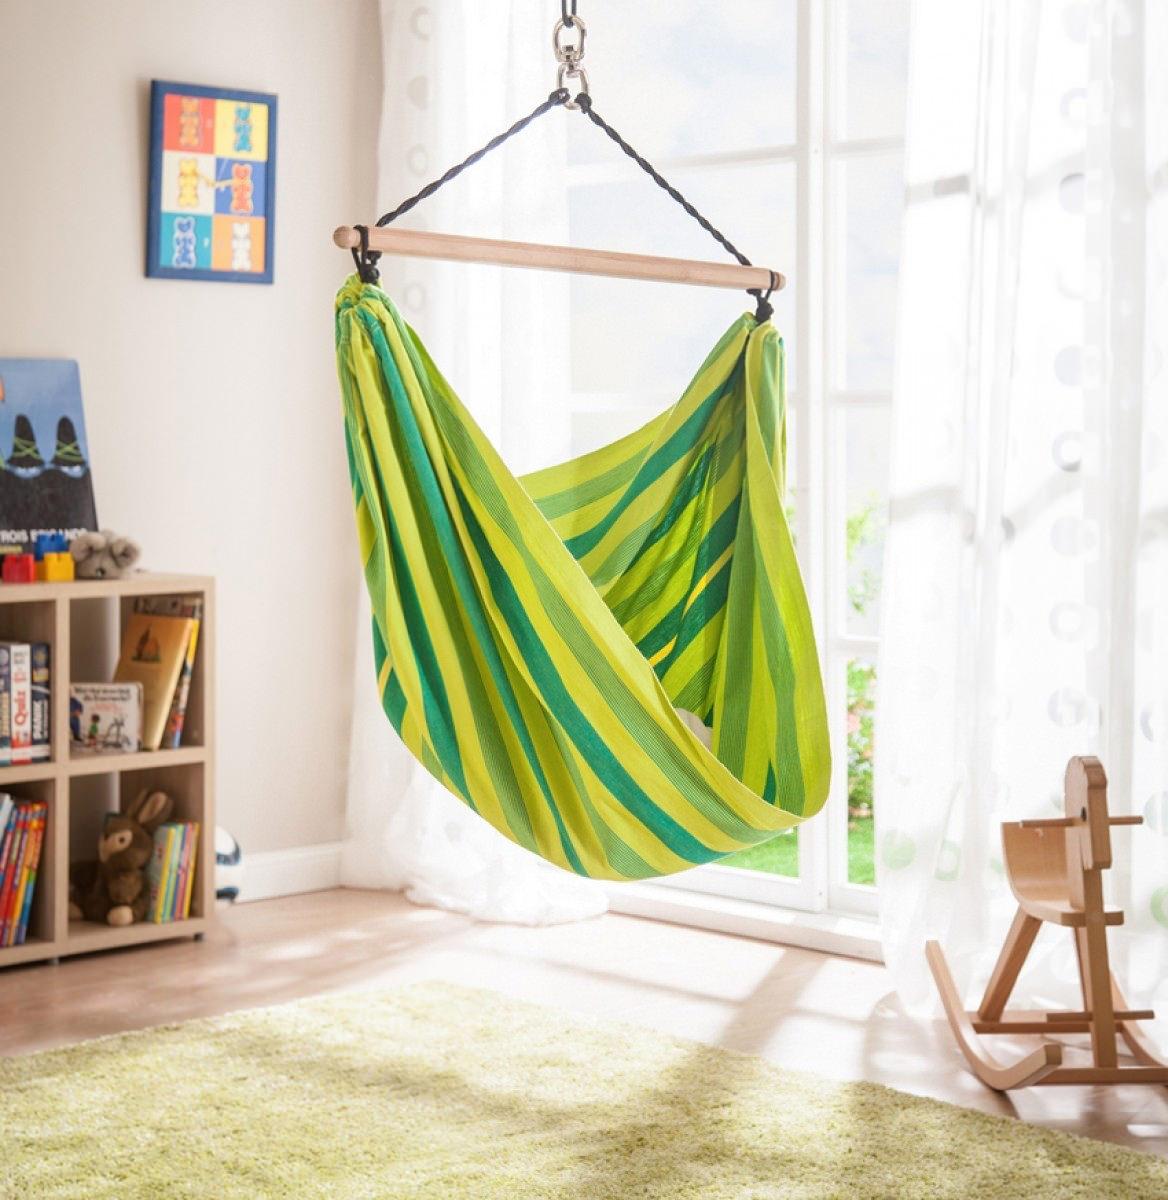 Hamacas de verano para dormitorios infantiles